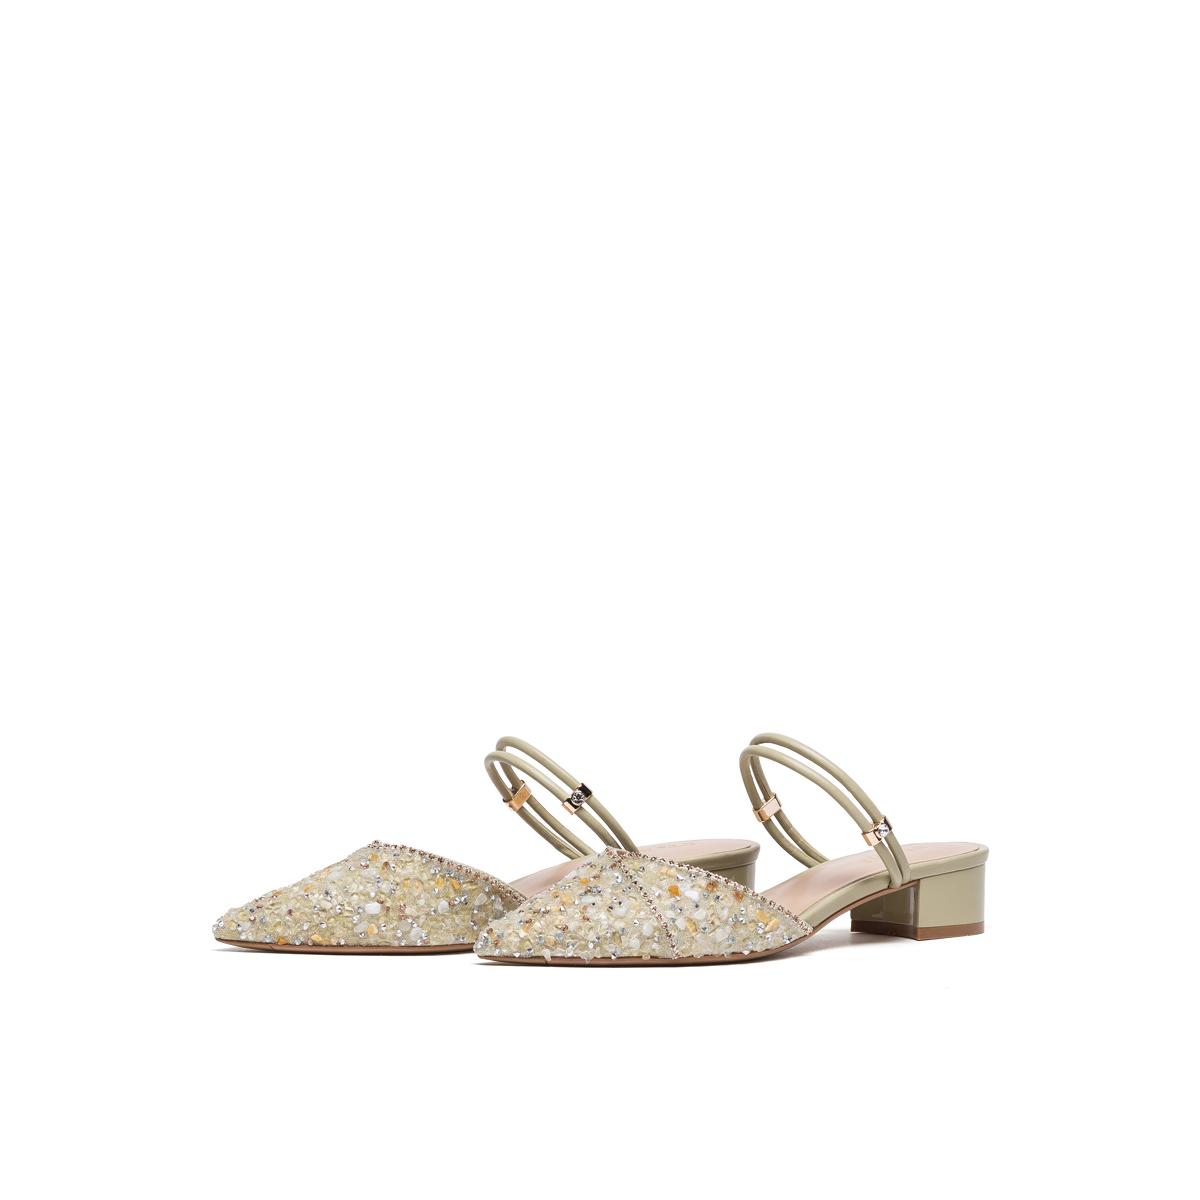 SS11114048 春季新款甜美中跟粗跟尖头浅口鞋 2021 星期六时尚穆勒鞋